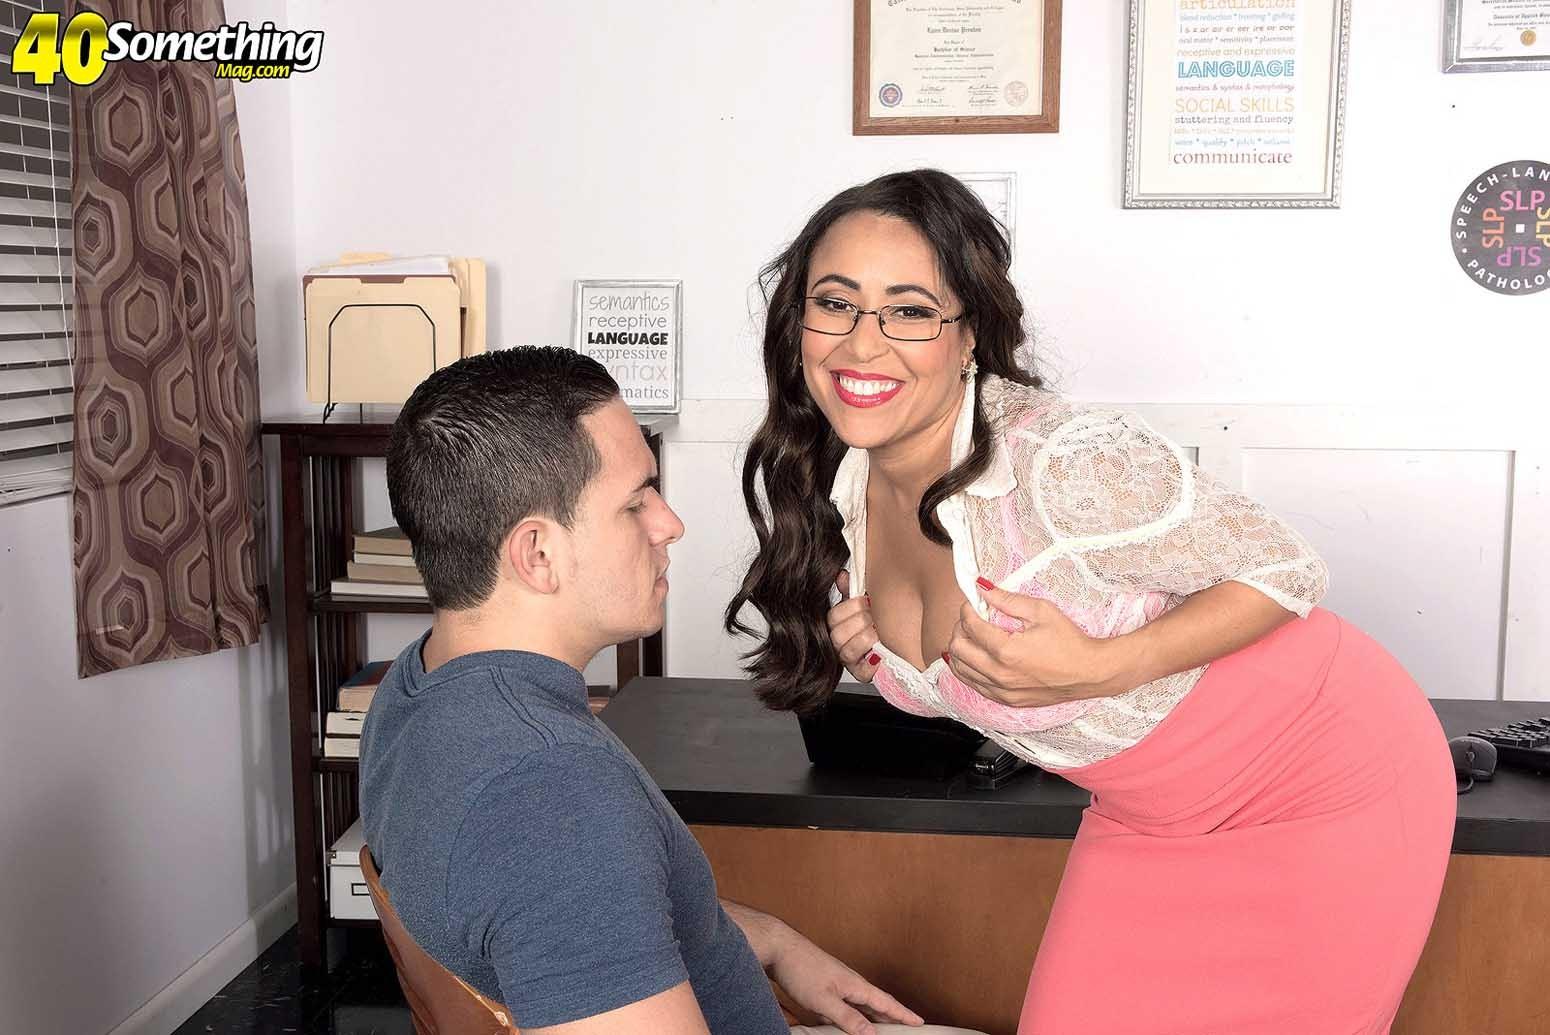 Зрелая пухлая женщина Габриэлла в порно, мильф трахается с сотрудником в офисе, у нее большая красивая задница